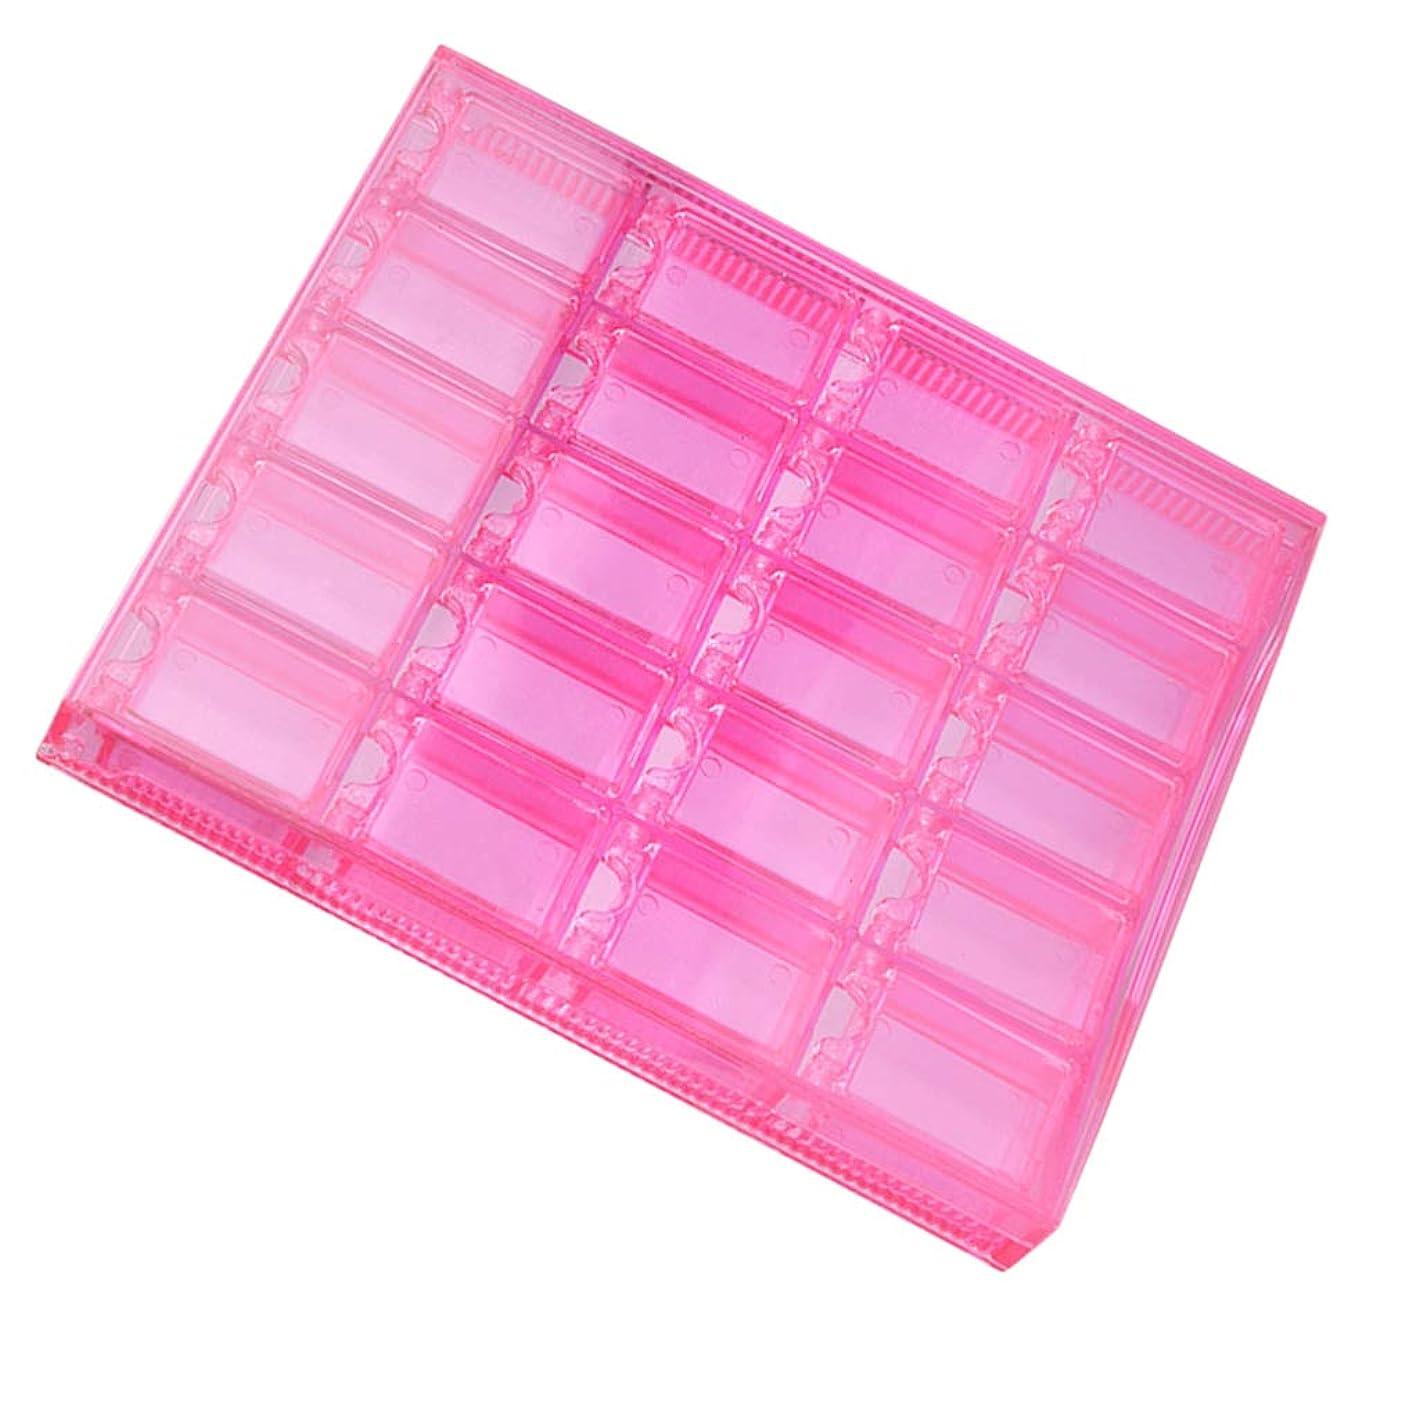 くしゃくしゃホイール溶ける空のプラスチックボックス収納ケースネイルアート製品イヤリングジュエリー20セル - ピンク